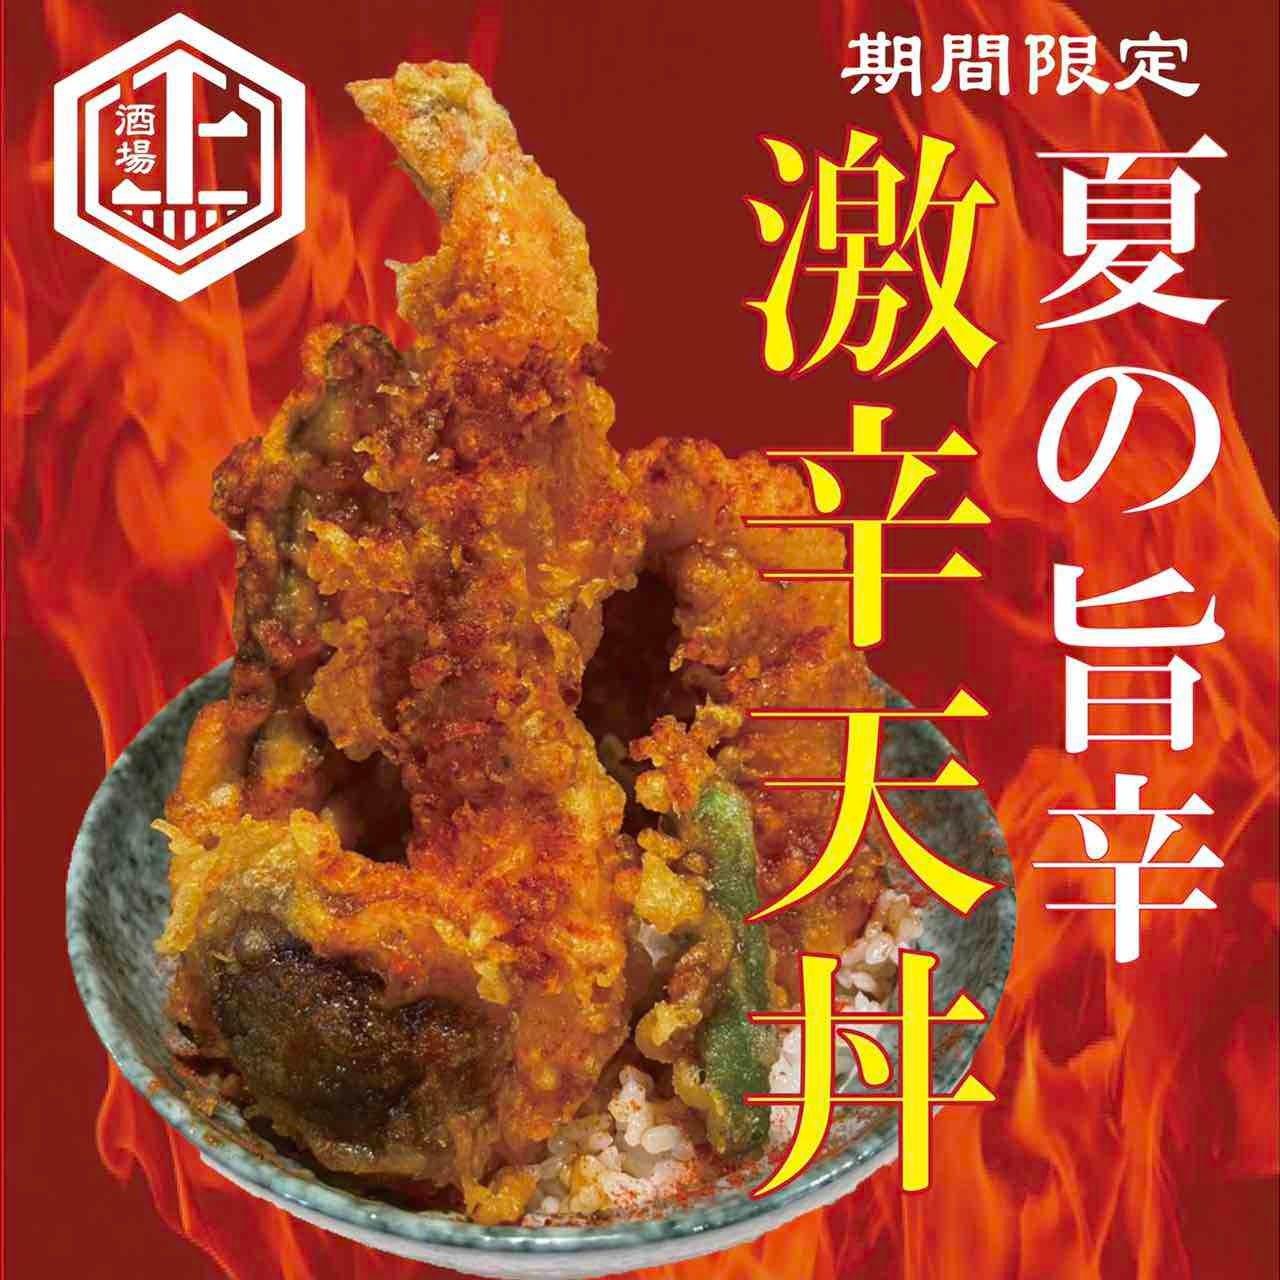 天ぷら酒場上ル商店 新橋店